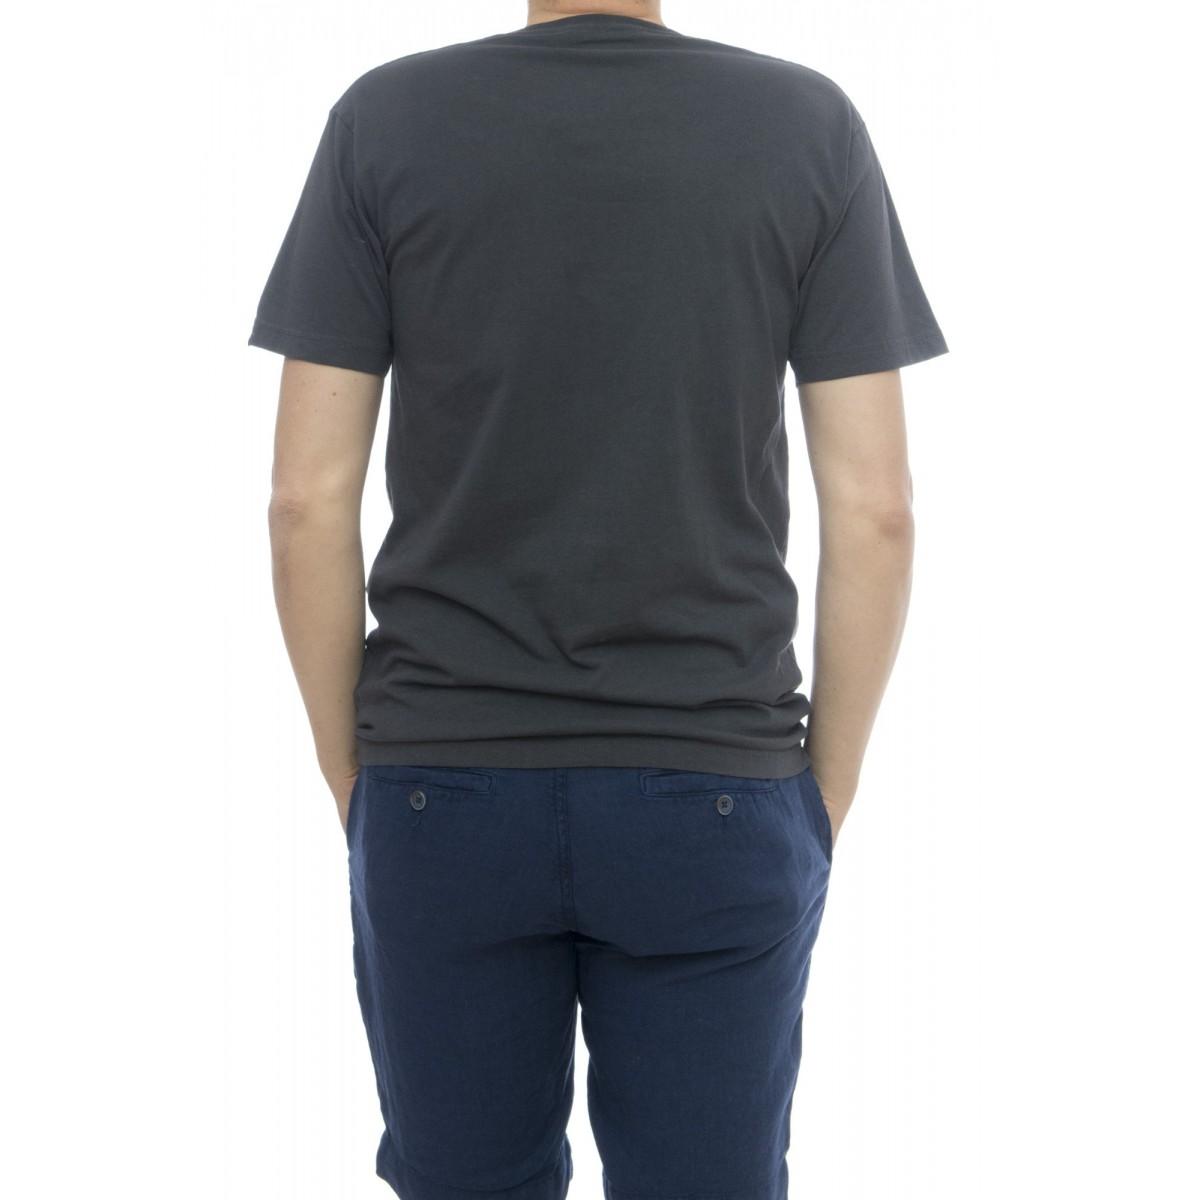 T-shirt - Dmp81062a